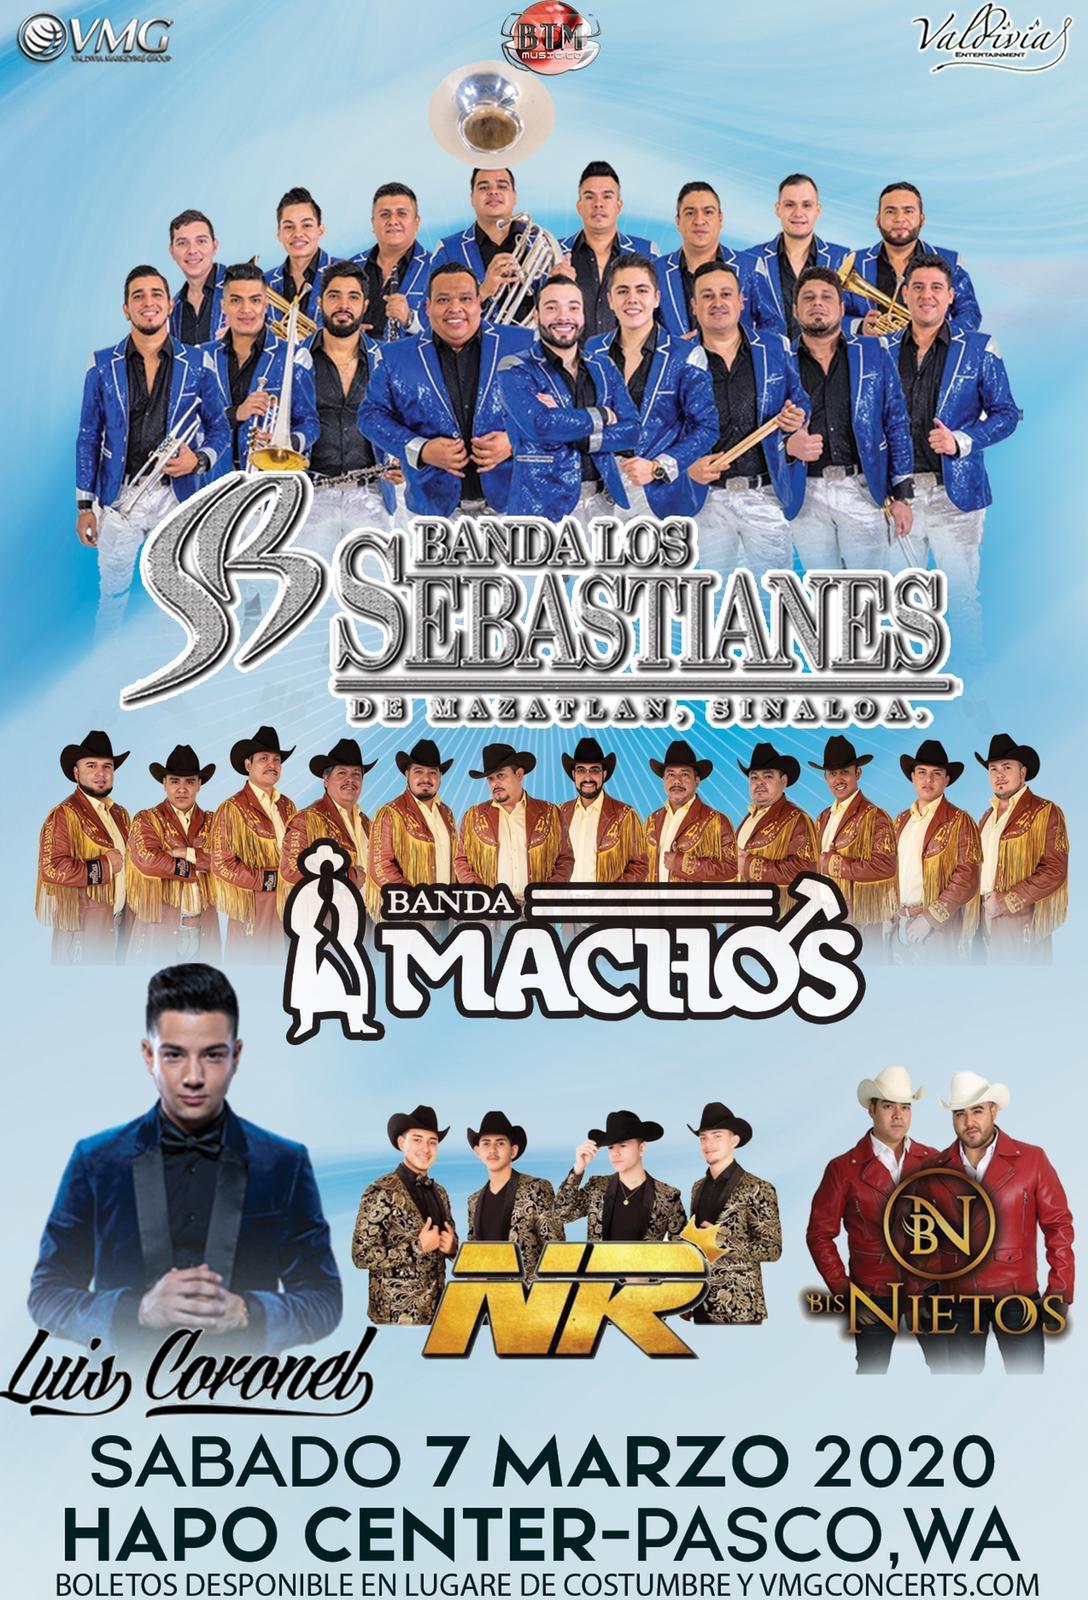 Banda Los Sebastianes, Banda Machos, Luis Coronel, NR y Los Bisnietos. – Hapo Center de Pasco, WA